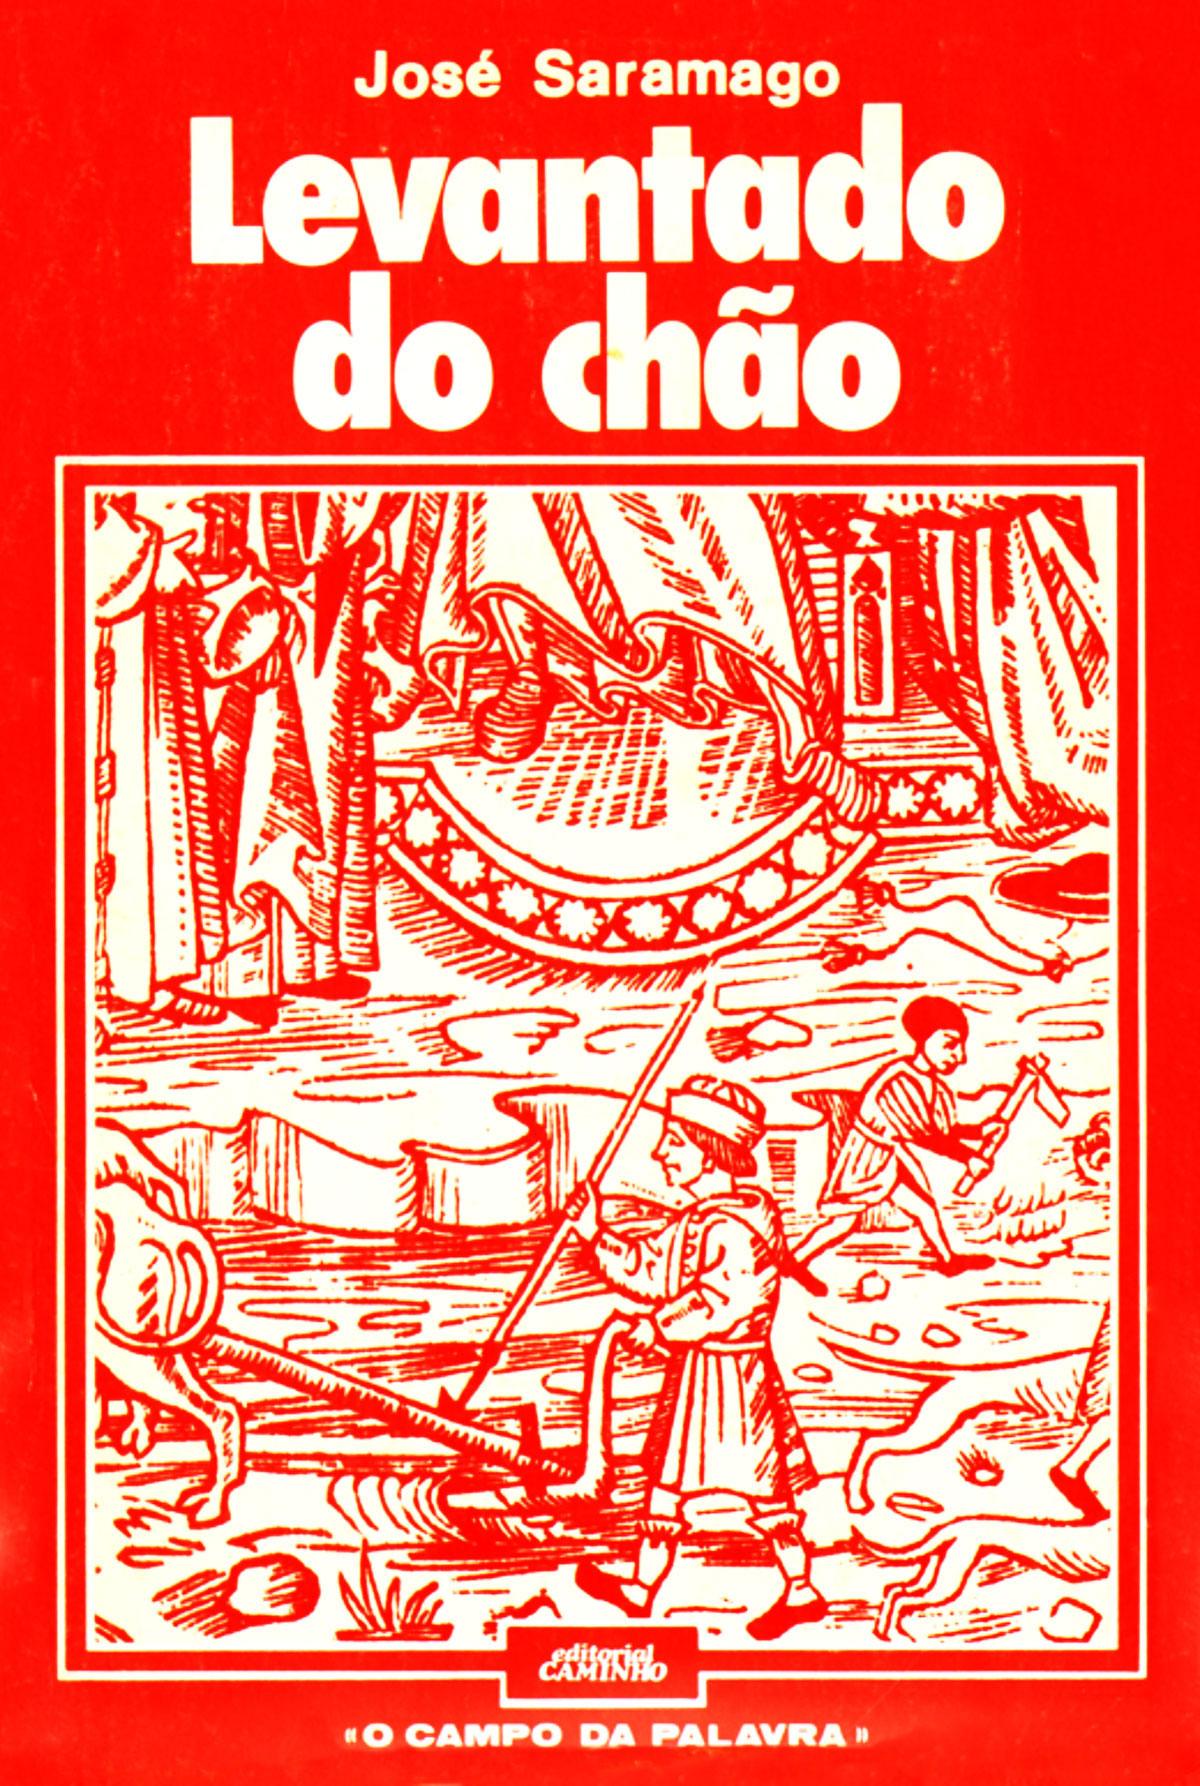 Capa da 1ª edição de Levantado do Chão, Caminho, 1980